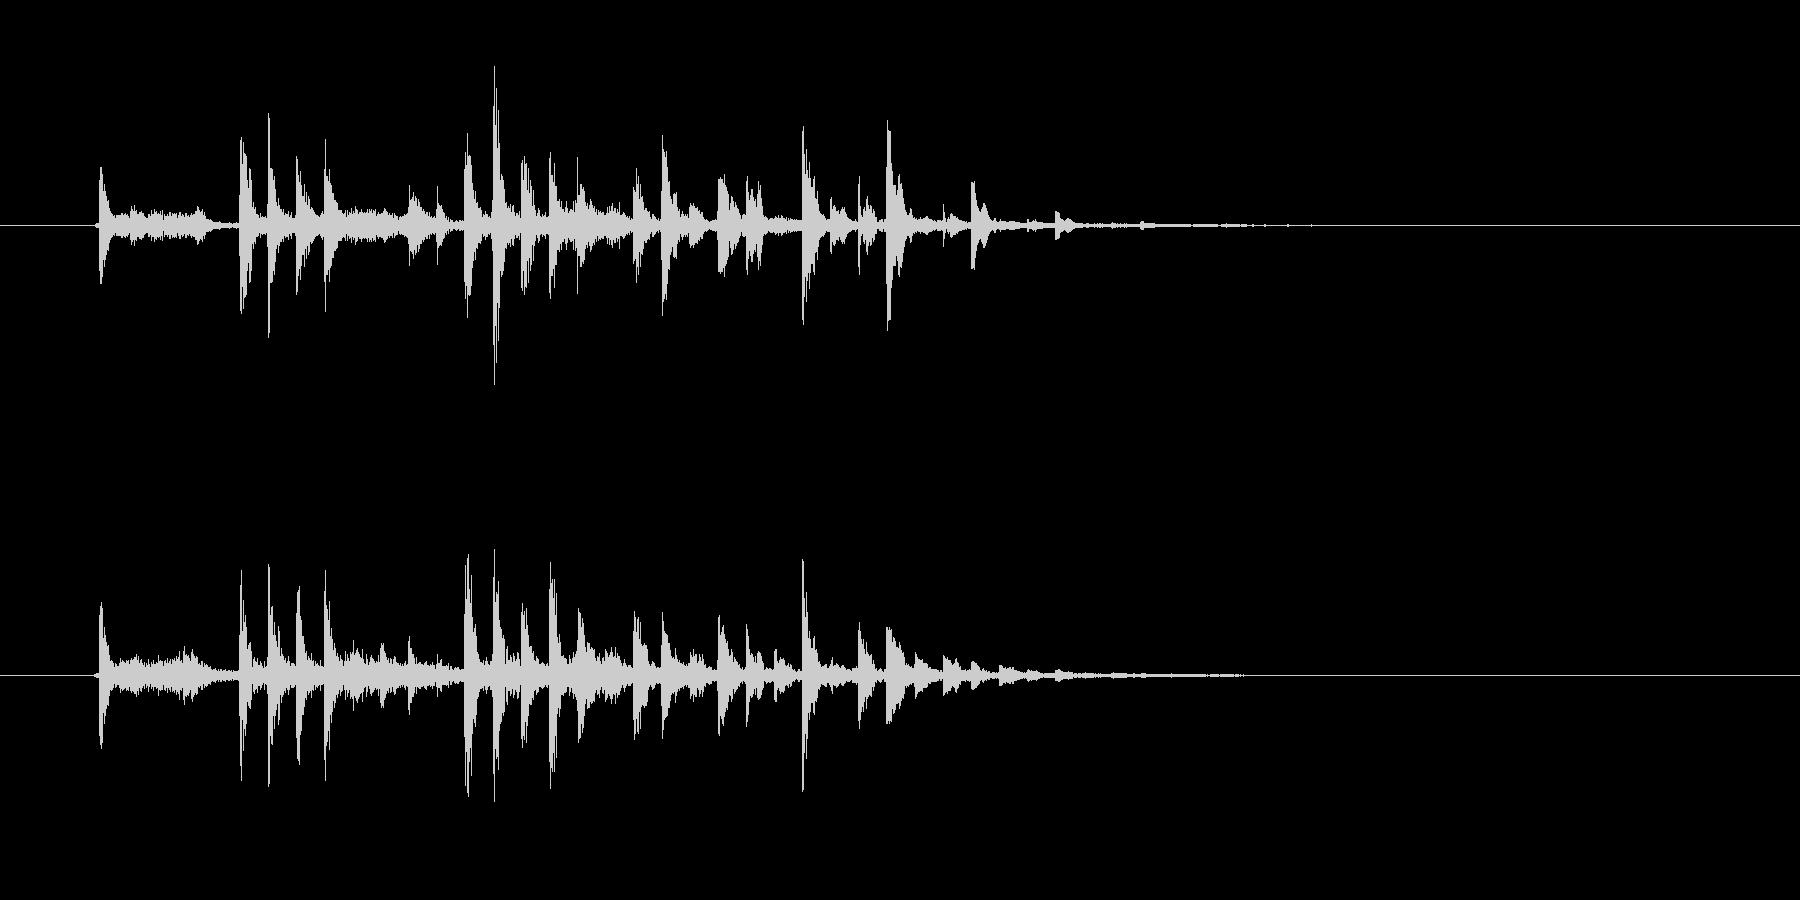 軽快でキャッチ―なSFジングルの未再生の波形